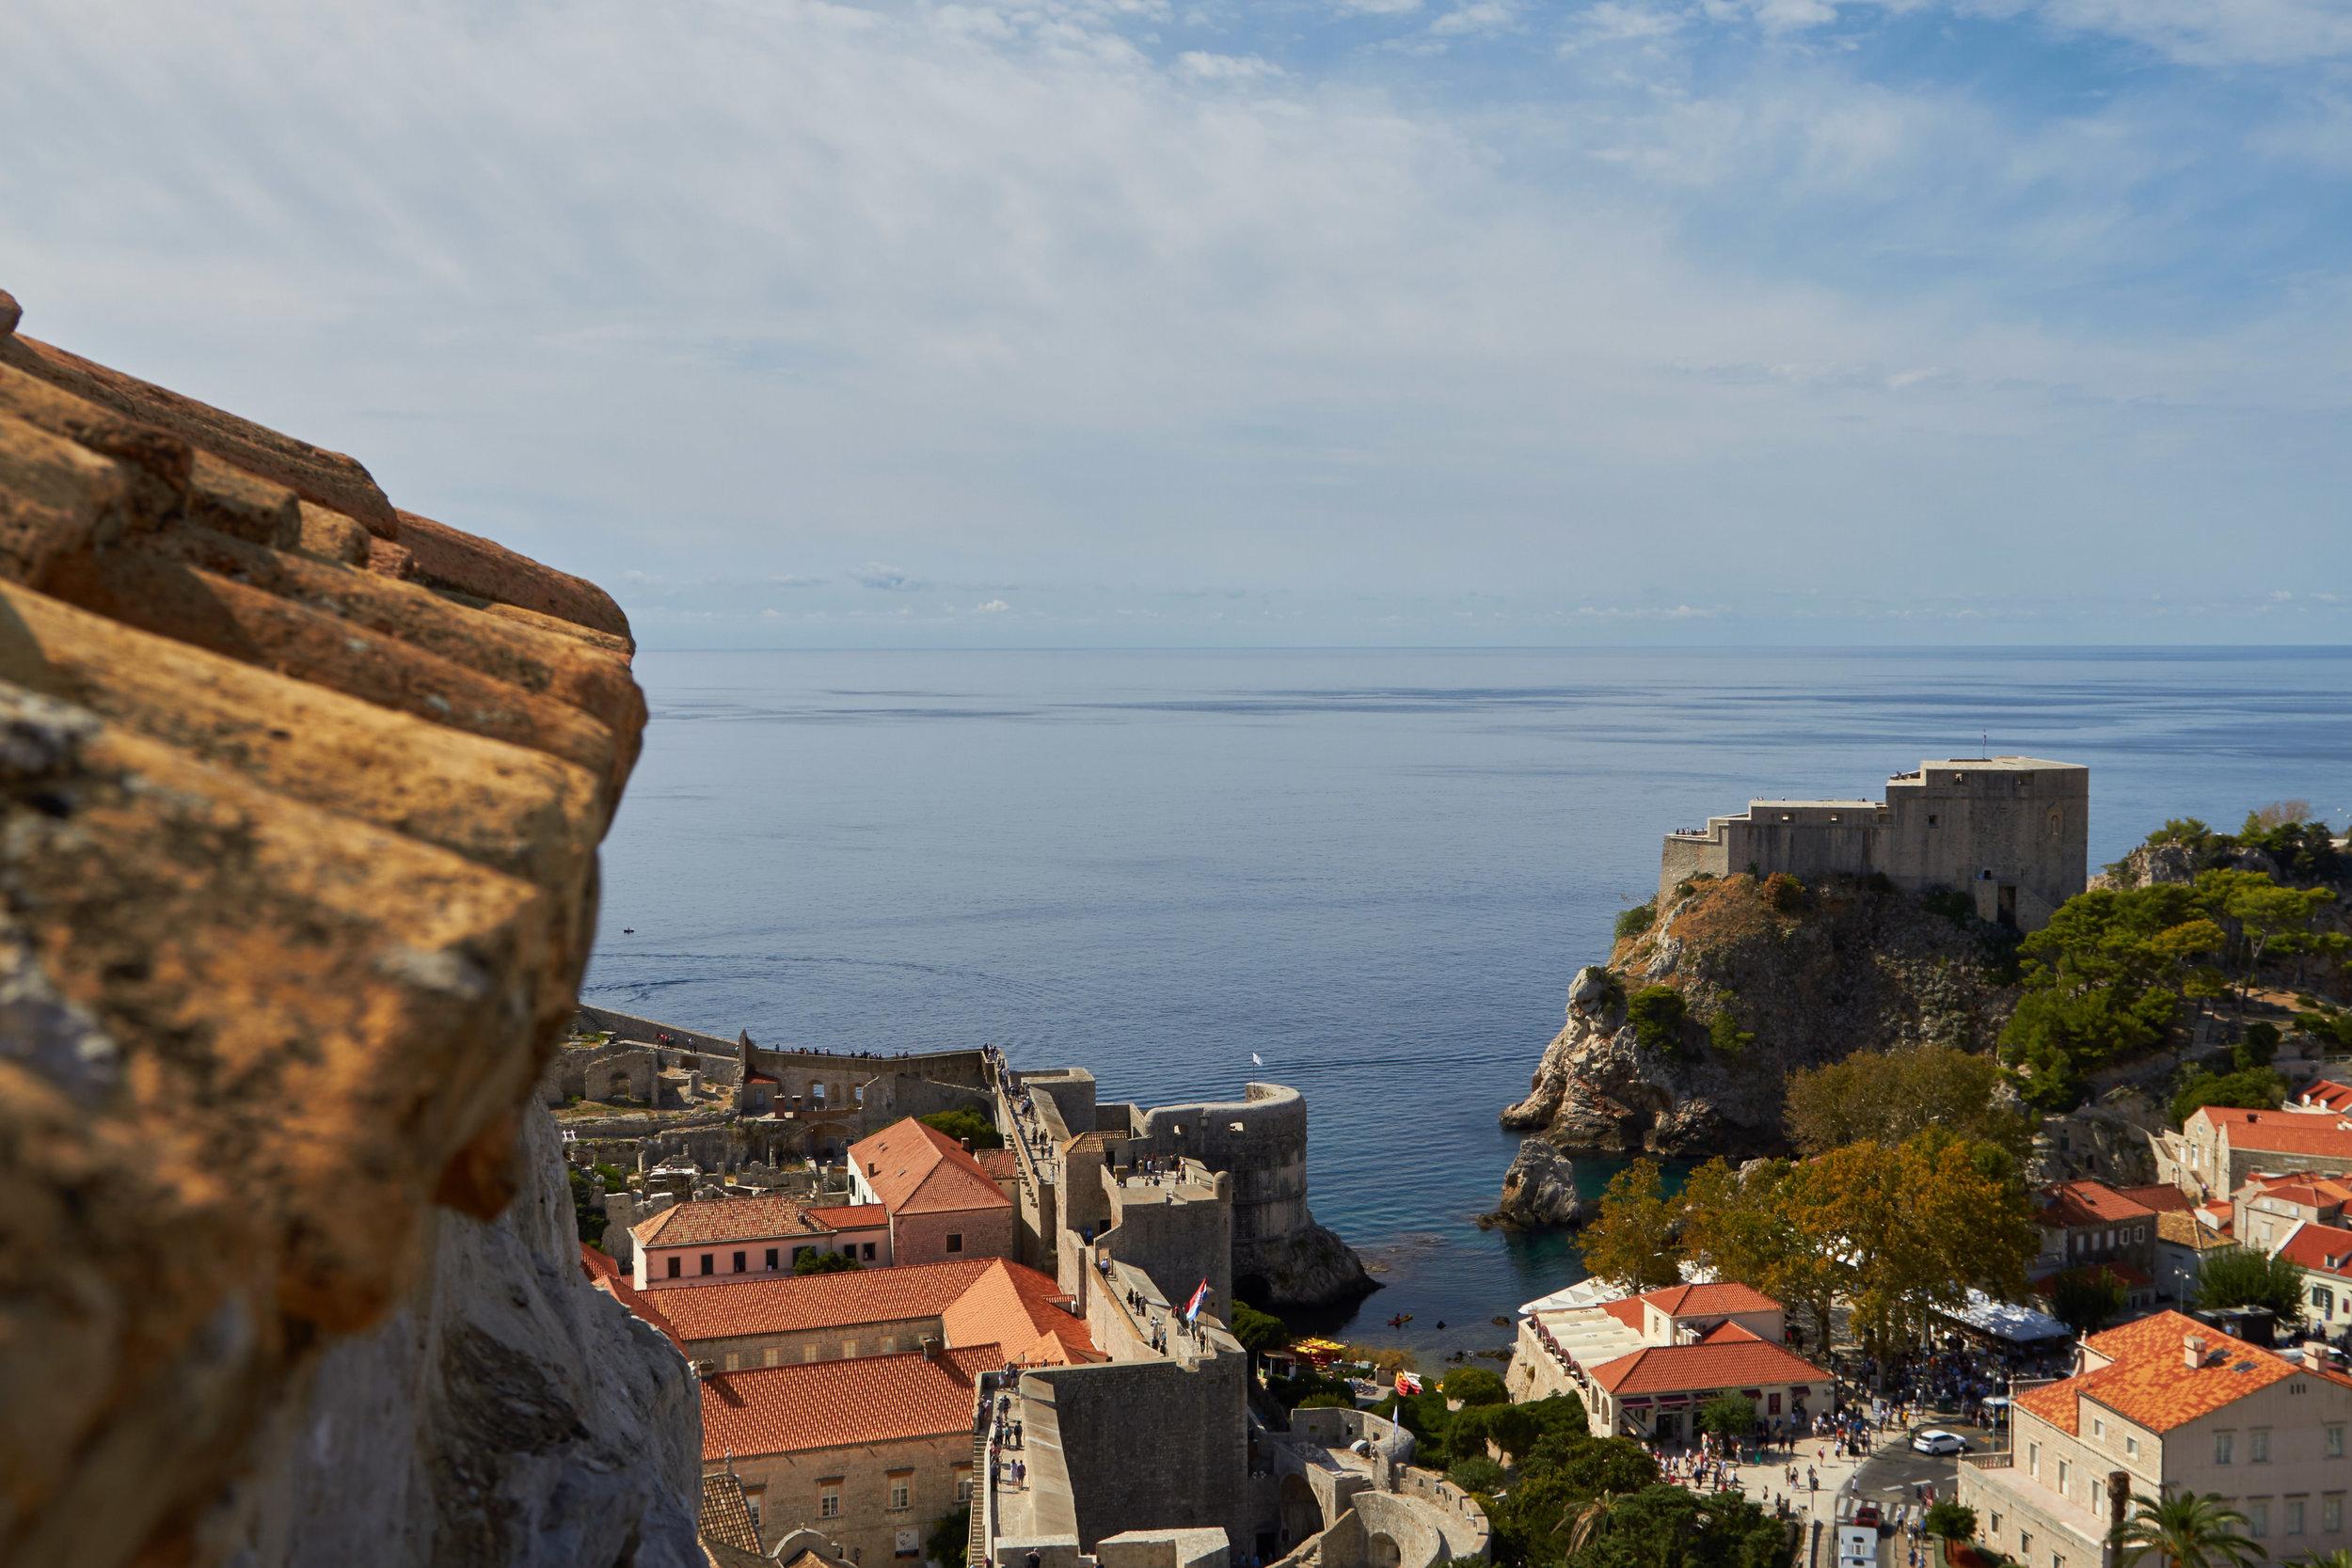 4_24-09-17_Dubrovnik_0415_PROCESSED.jpg